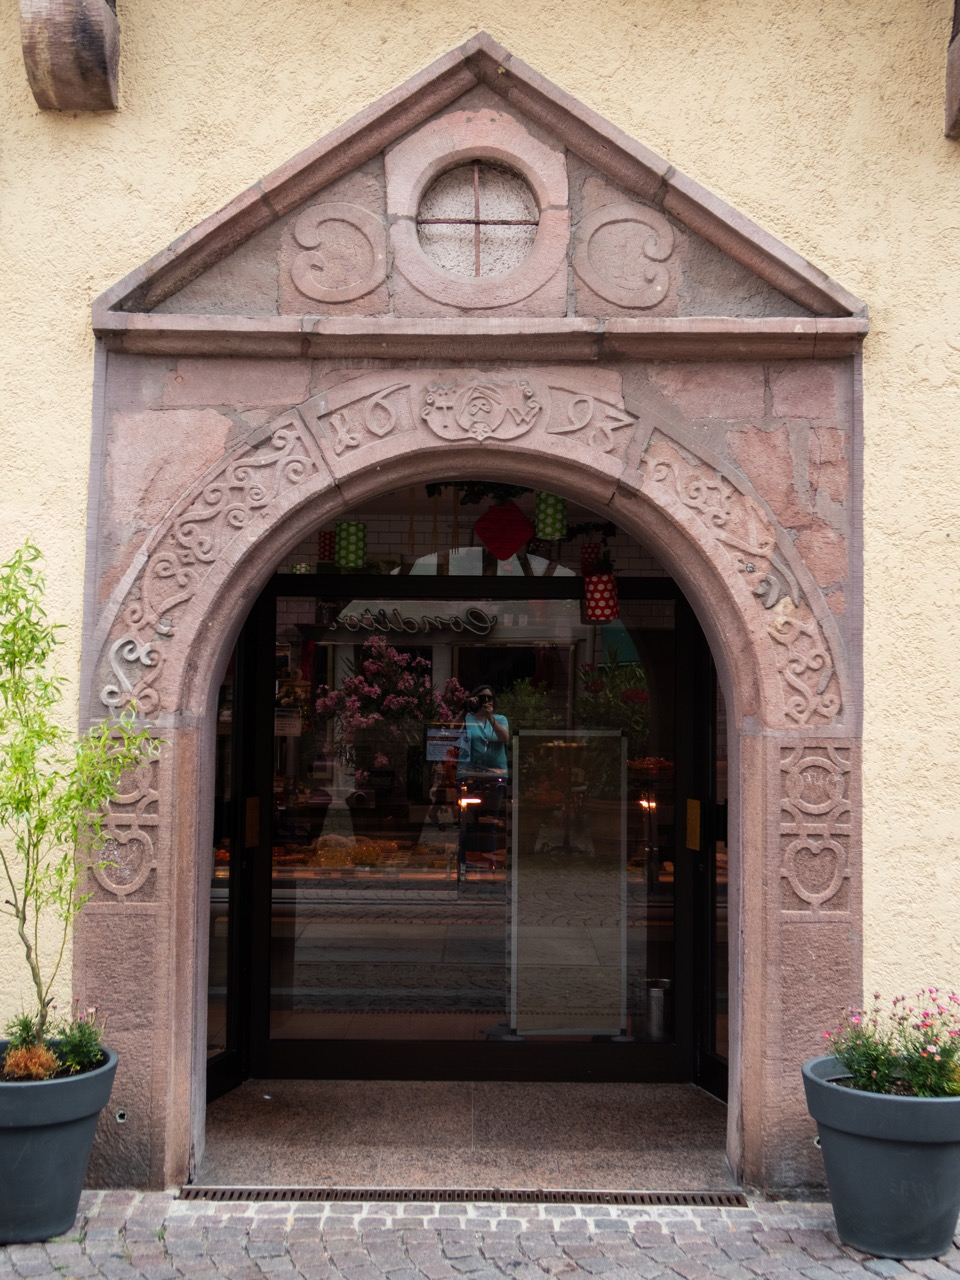 Ehemaliges Klosterportal an einer Metzgerei in Calw